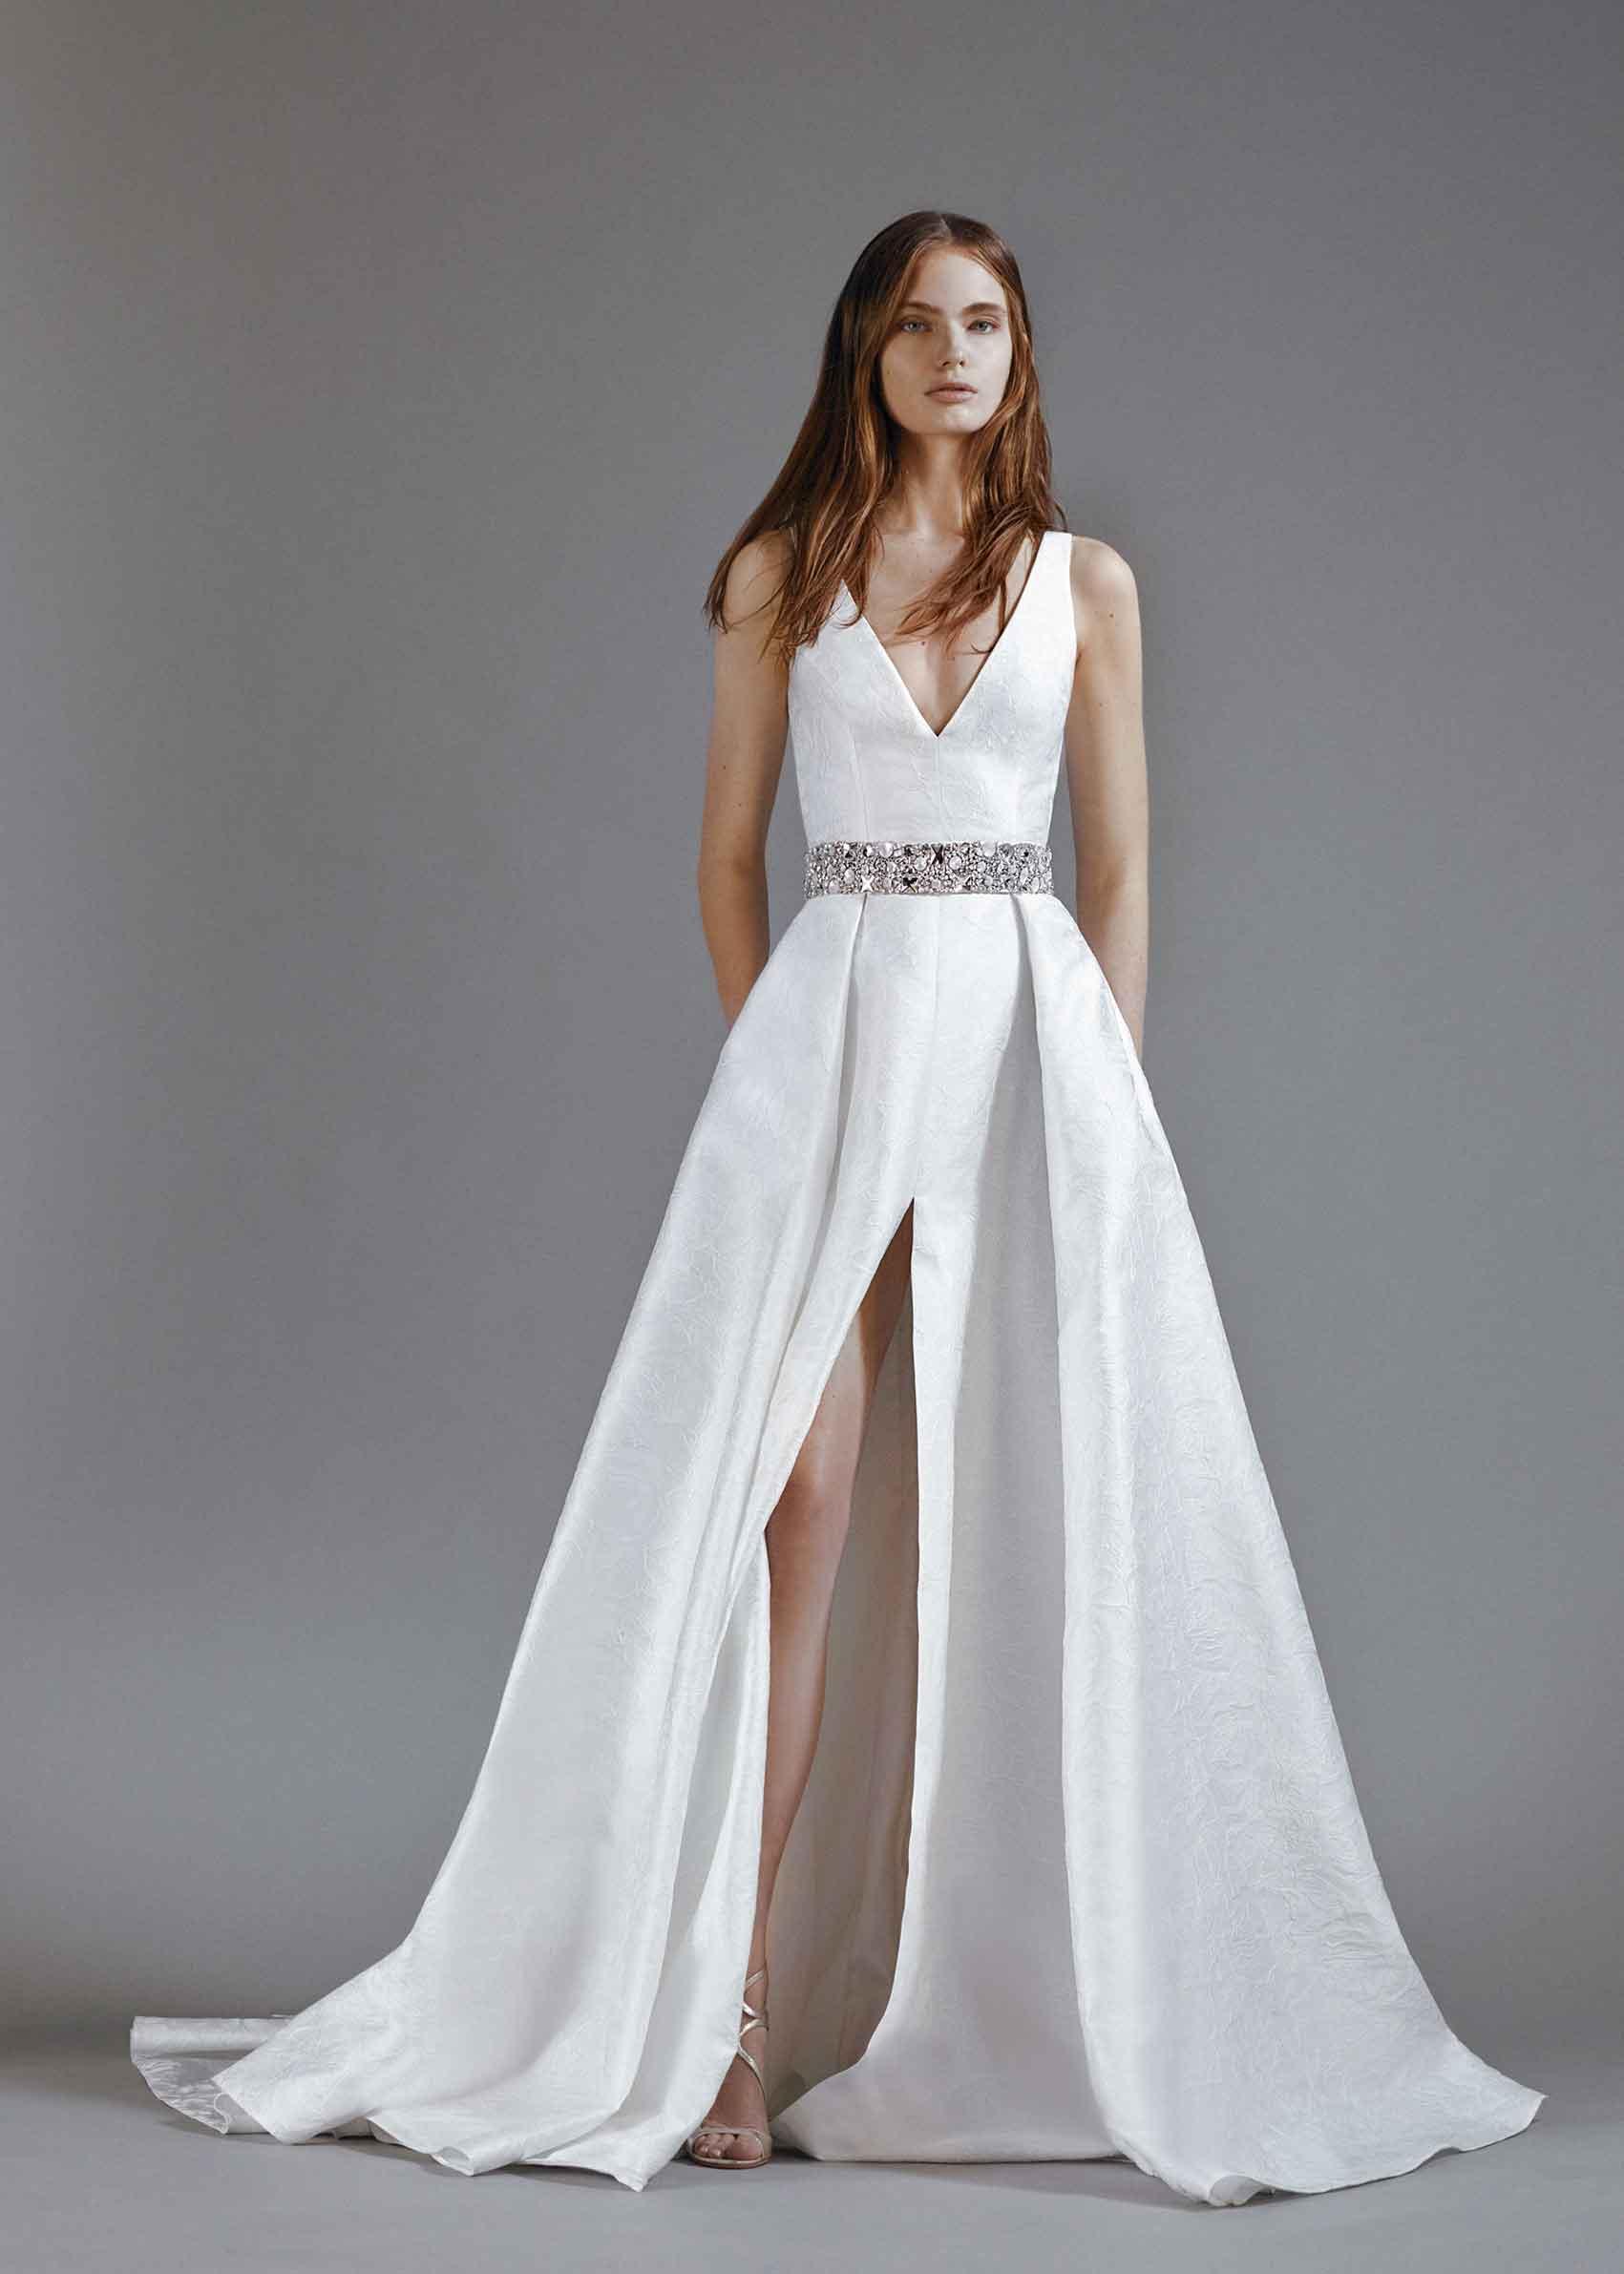 גליה להב, בית אופנה בינלאומי לשמלות כלה וערב, פותח אתר און ליין המציע שמלות כלה מוכנות ללבישה במחירים נגישים